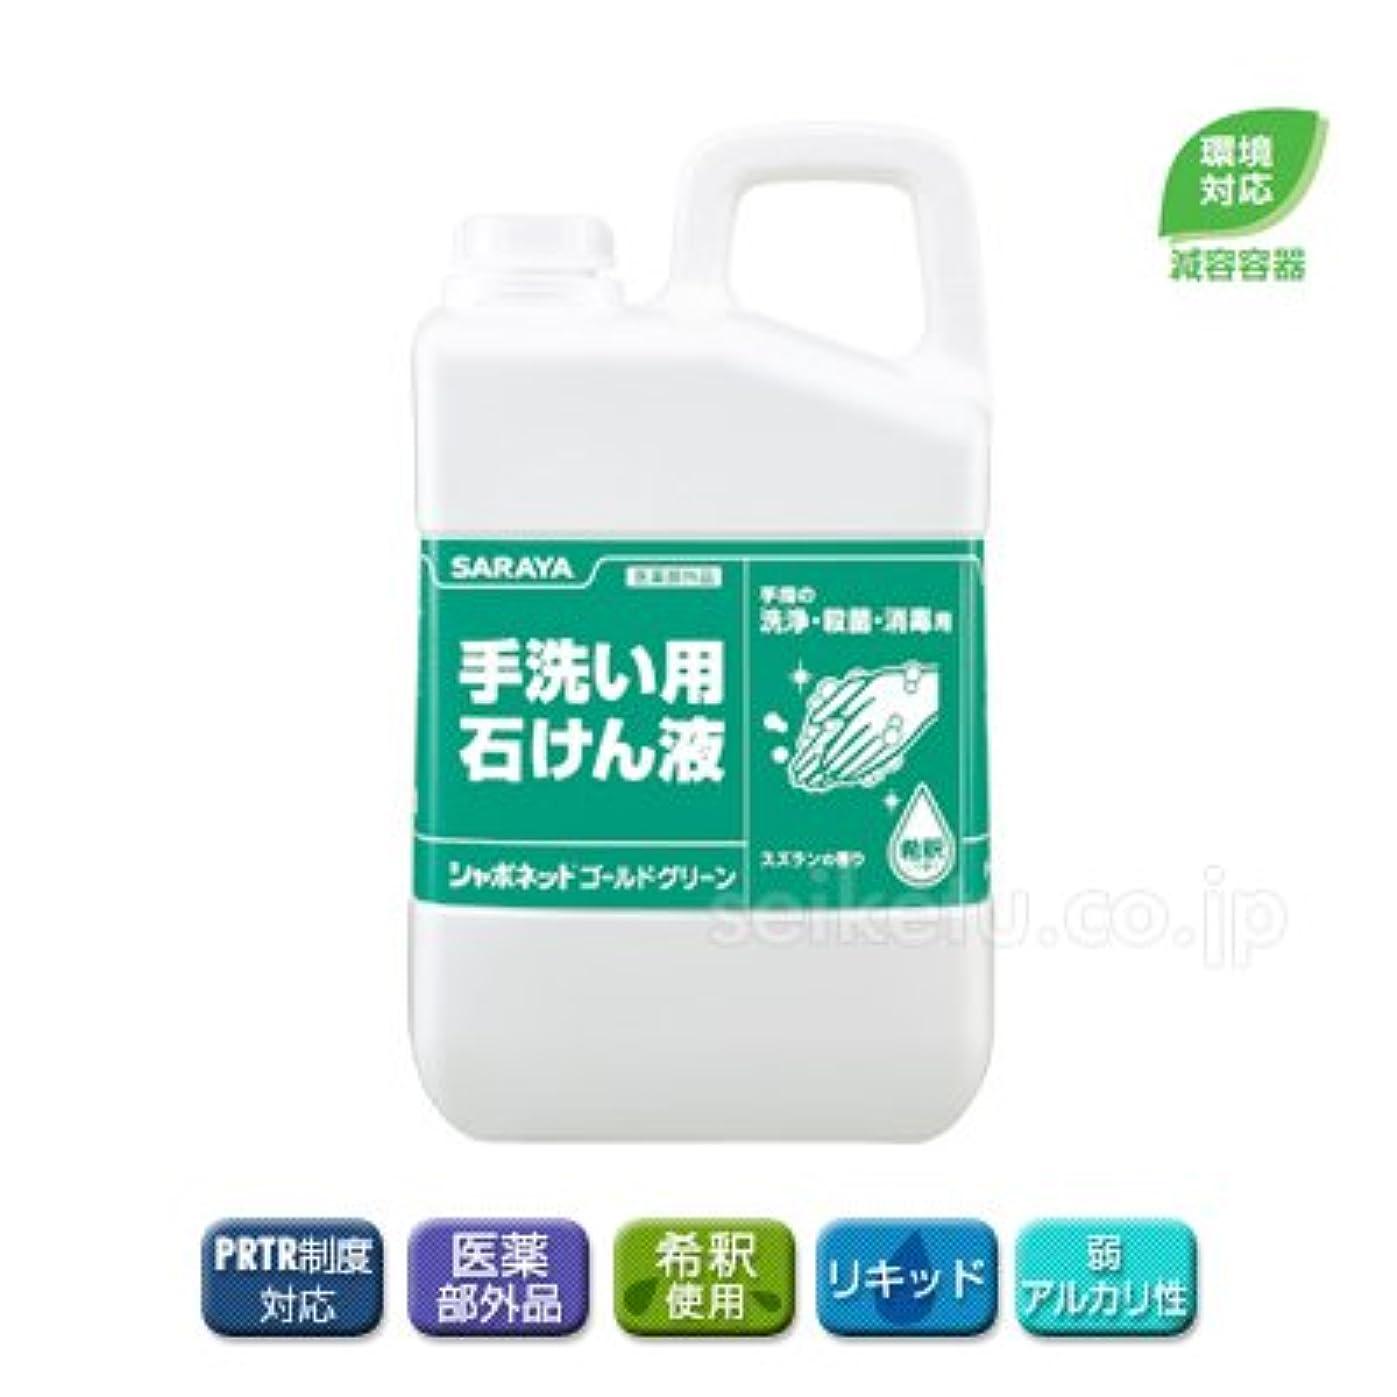 実証する防腐剤湿原【清潔キレイ館】サラヤ シャボネットゴールドグリーン(3kg)